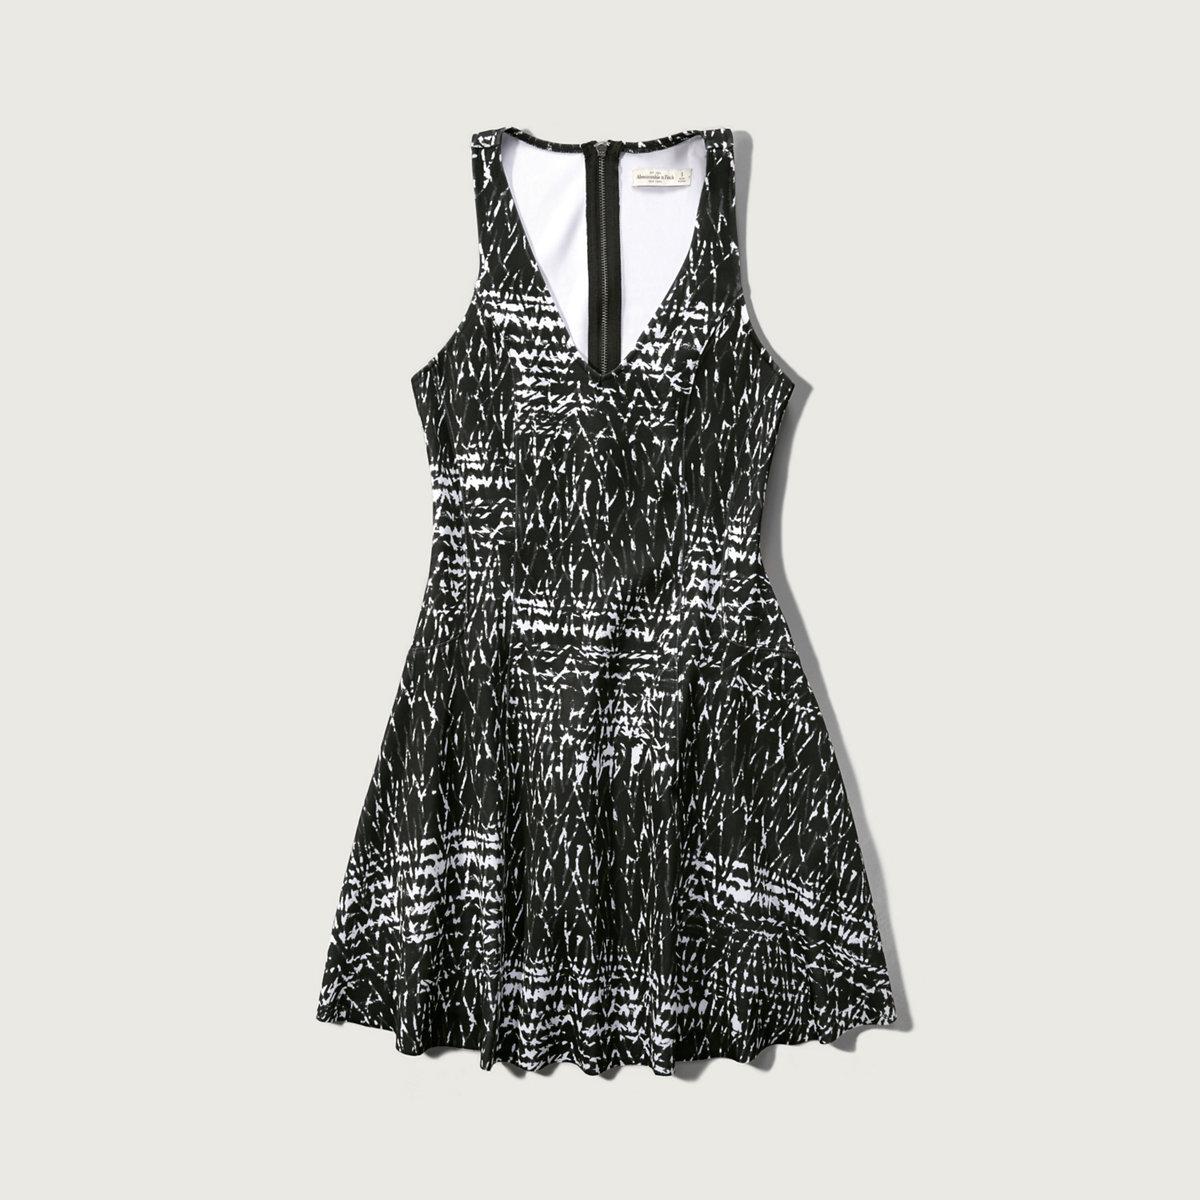 Patterned Neoprene Skater Dress